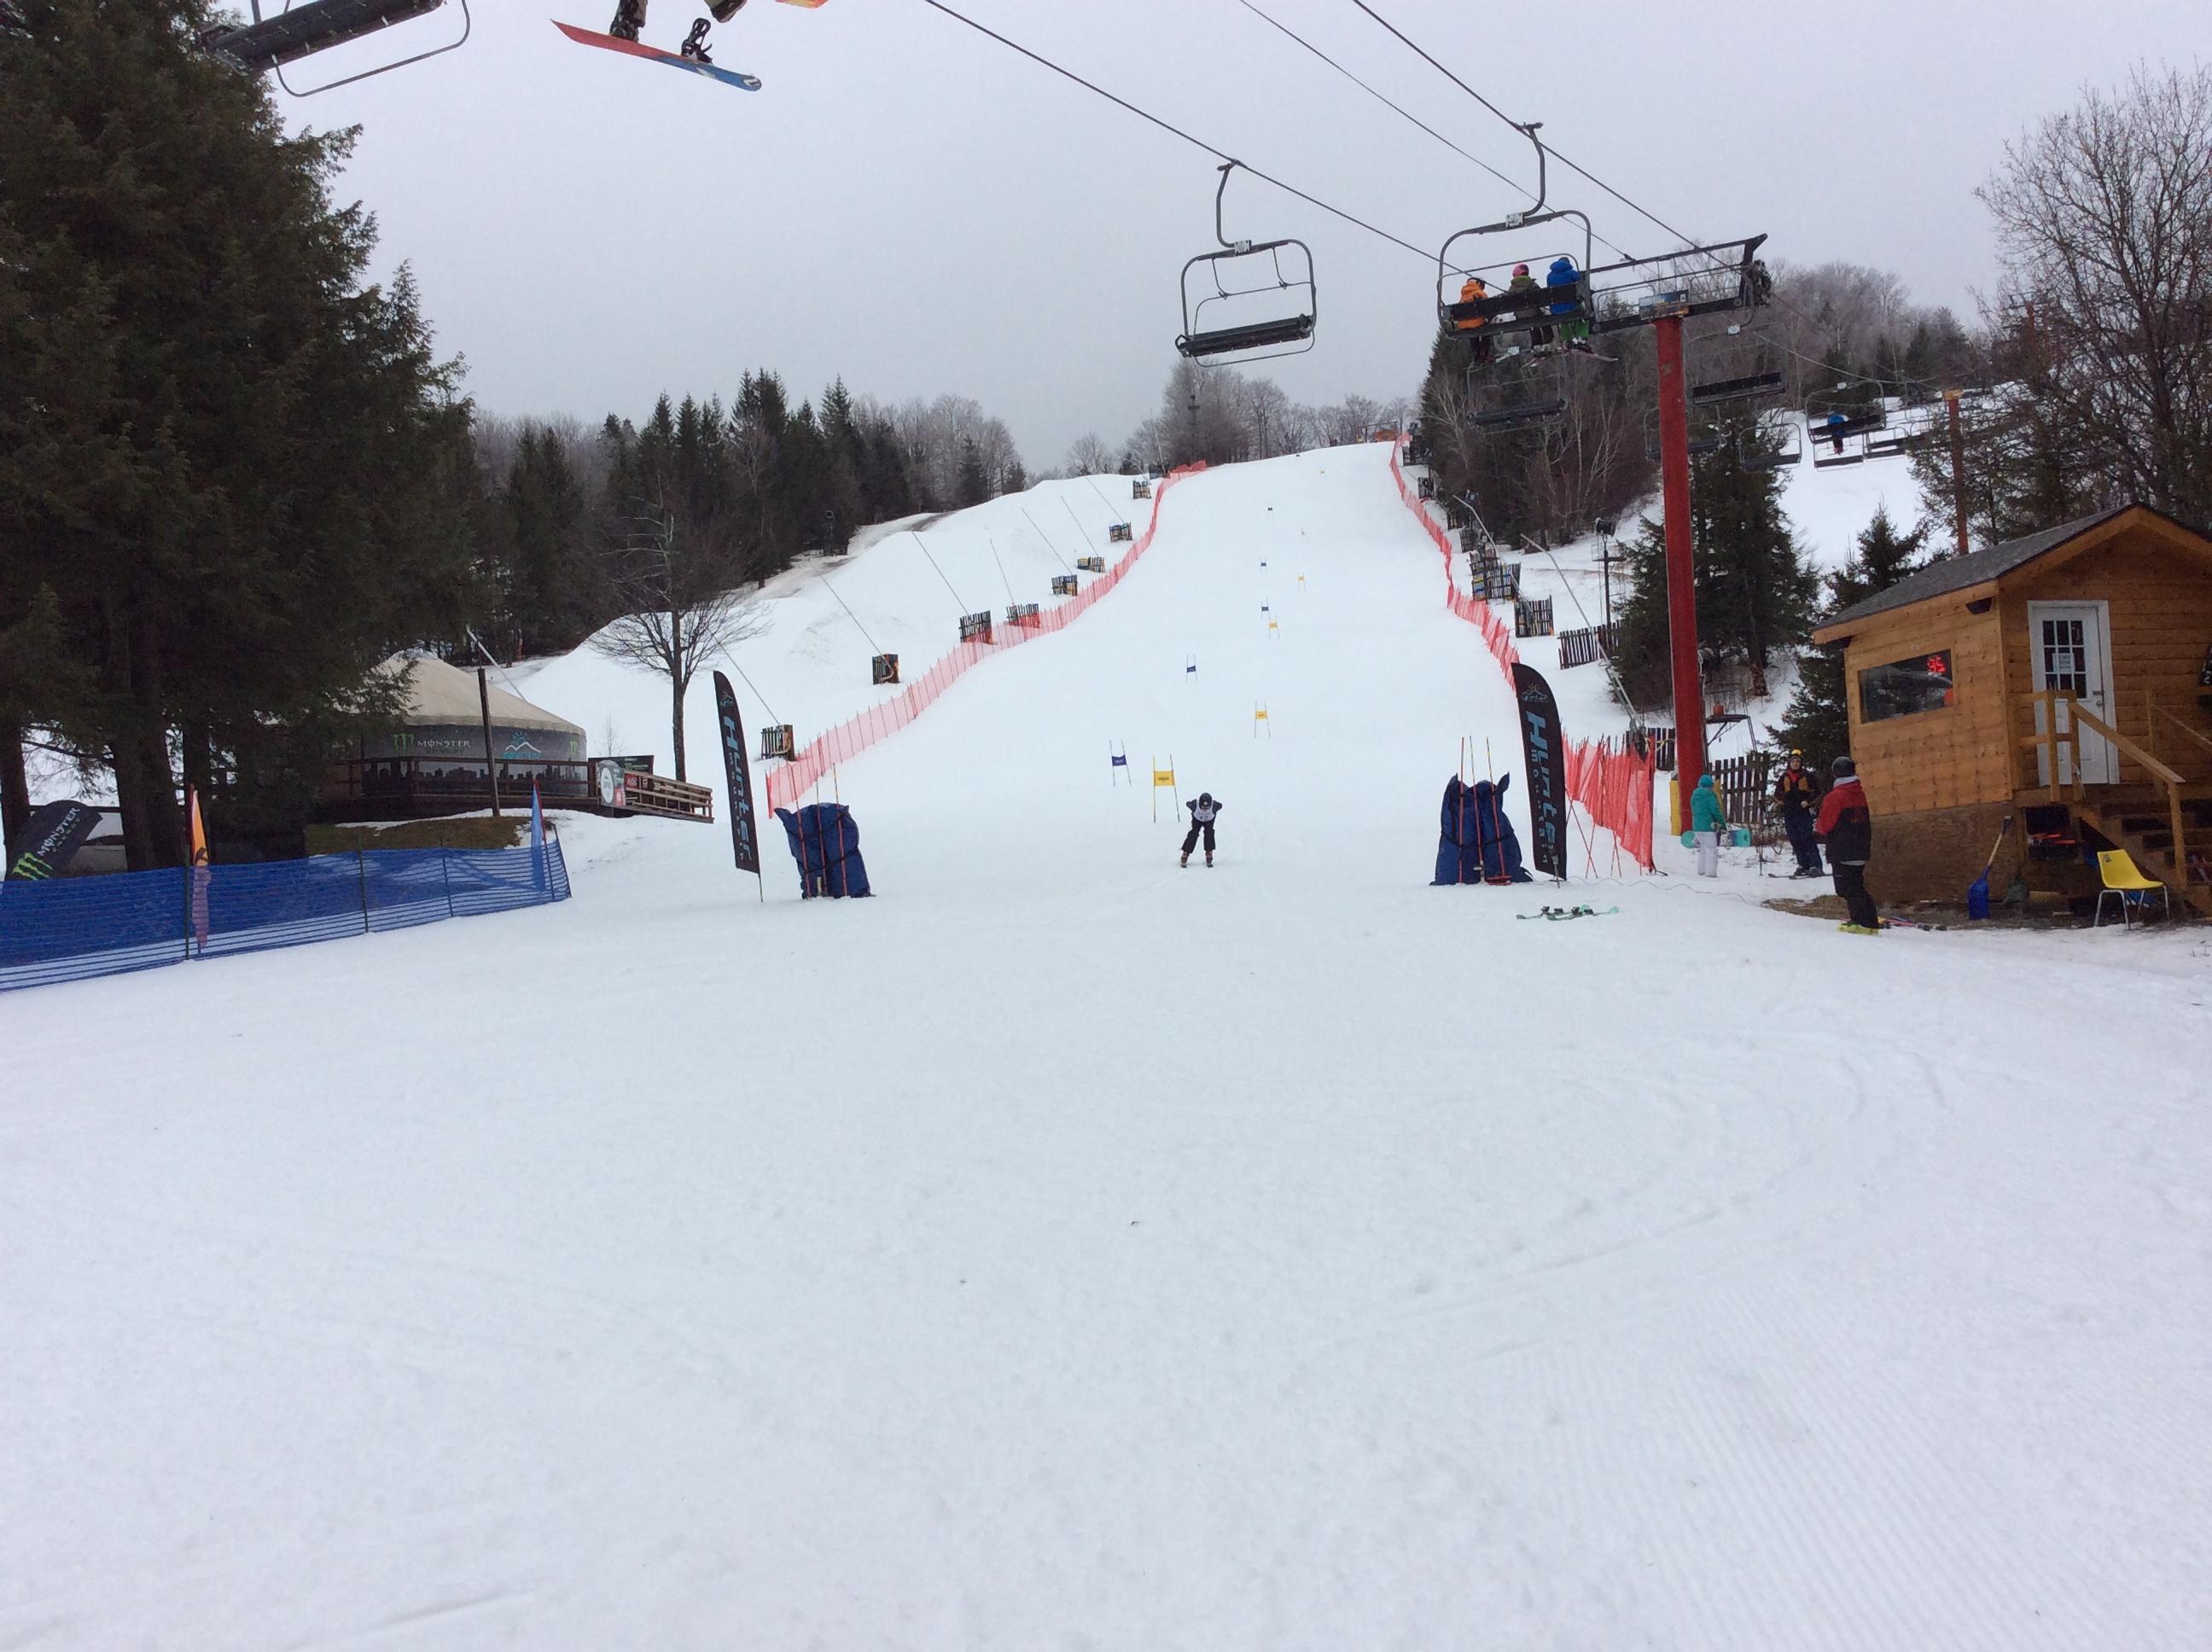 nypd-ski-club_32396157285_o